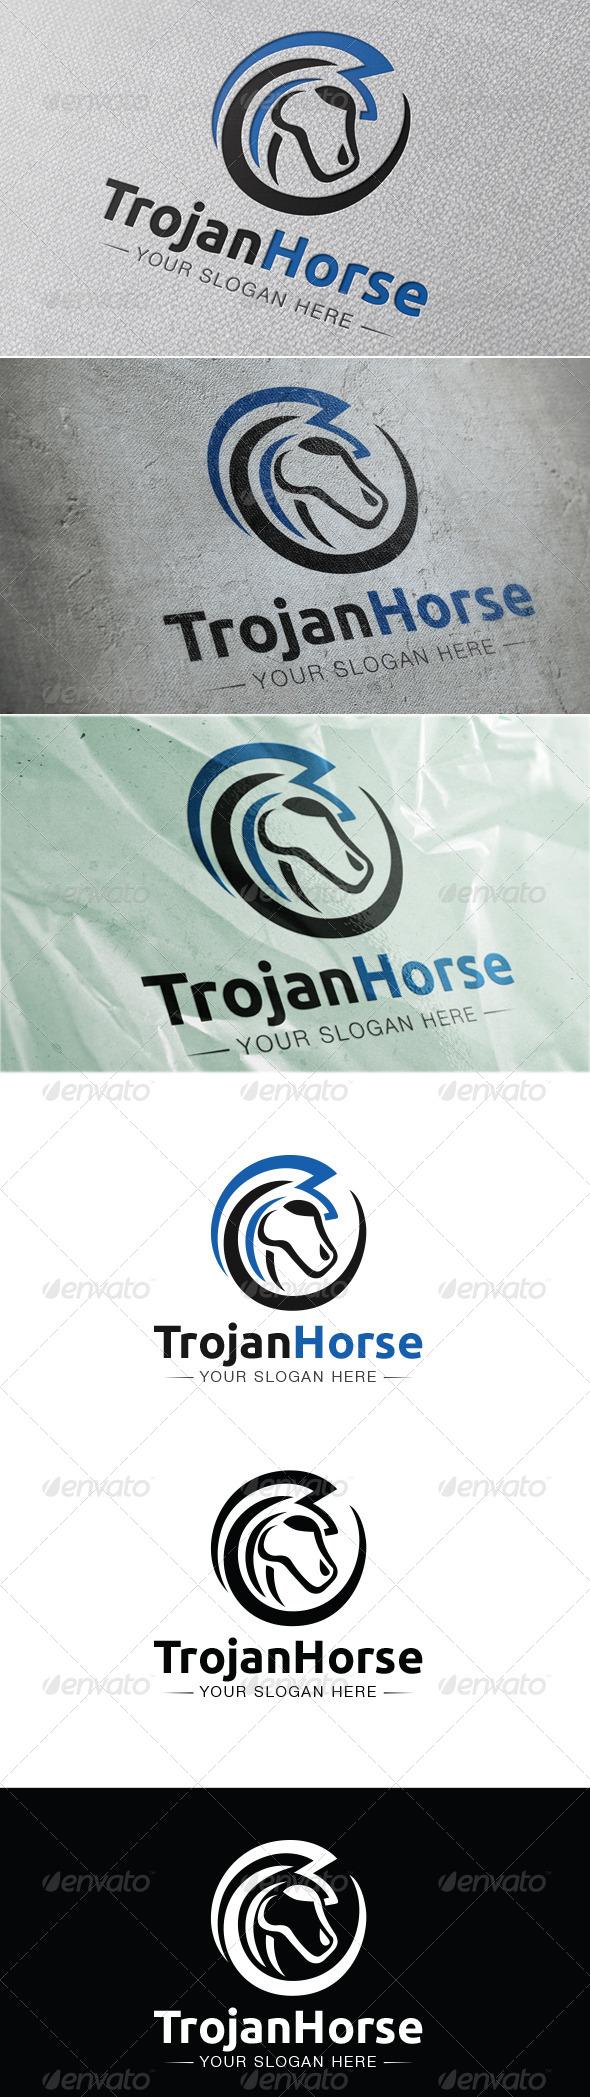 GraphicRiver Trojan Horse 7006889